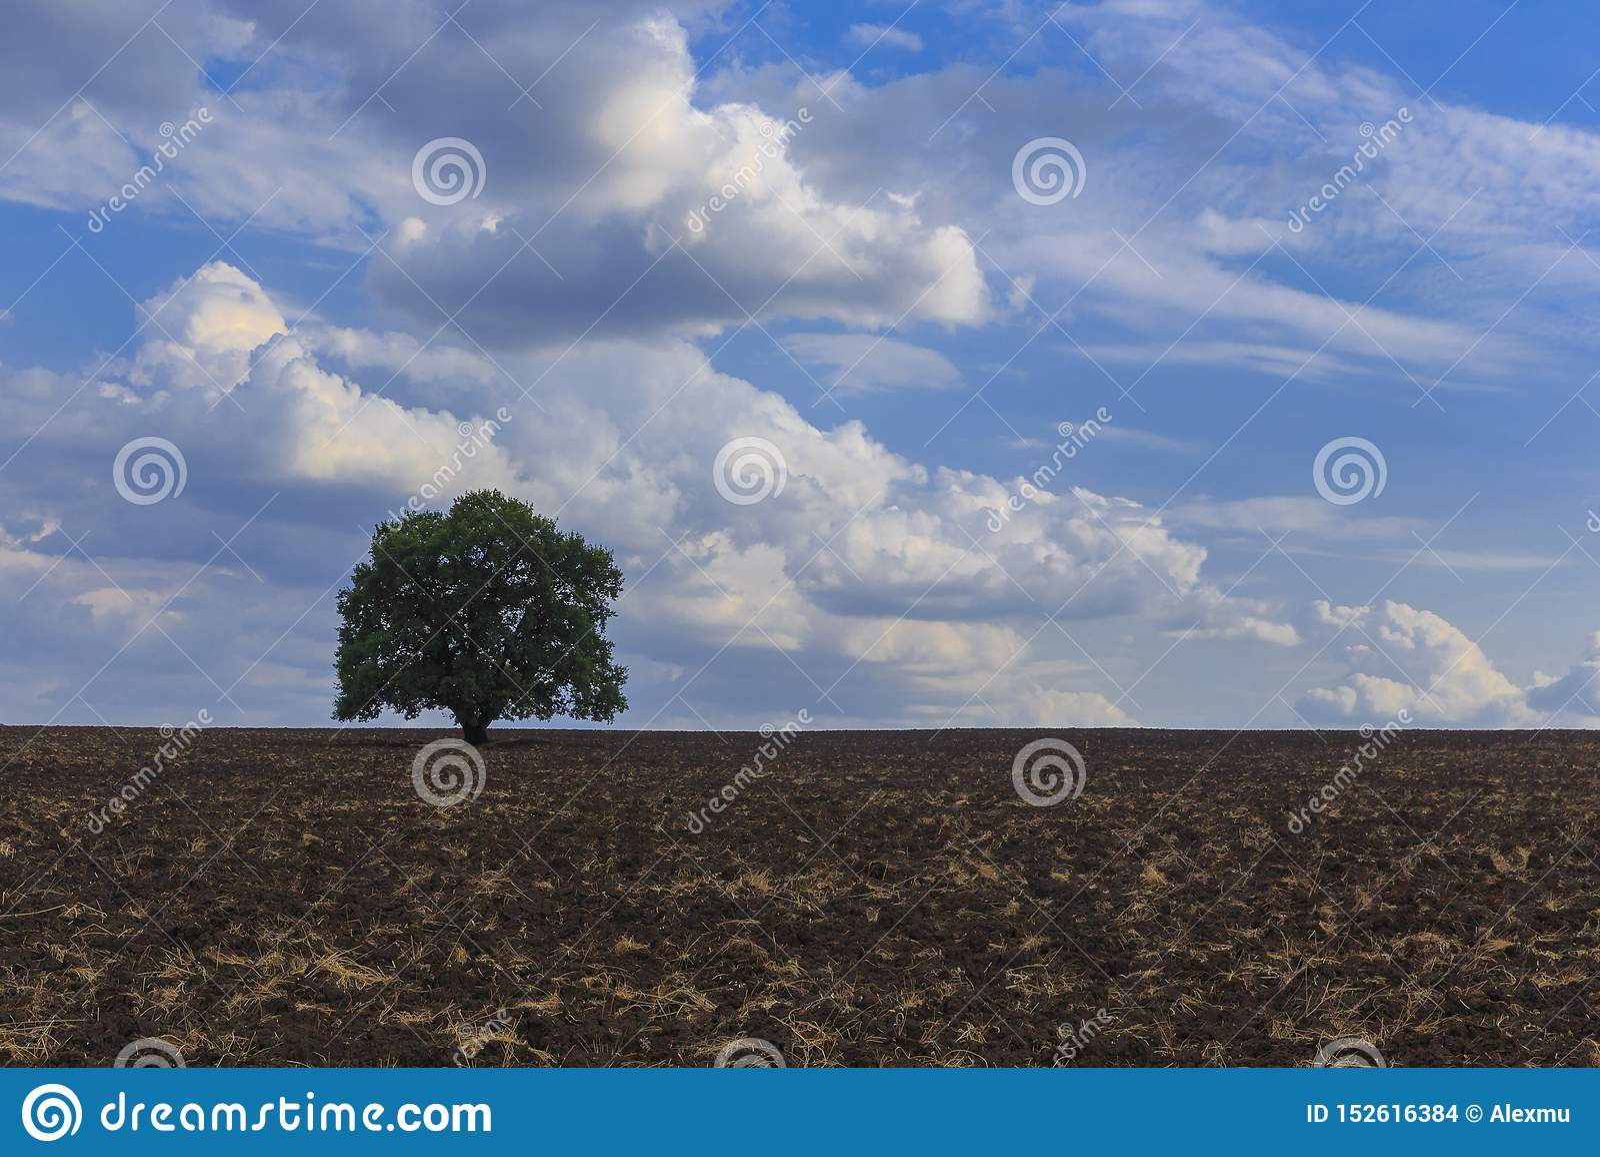 Сиротливое положение дерева на вспаханном поле на предпосылке красивых облаков